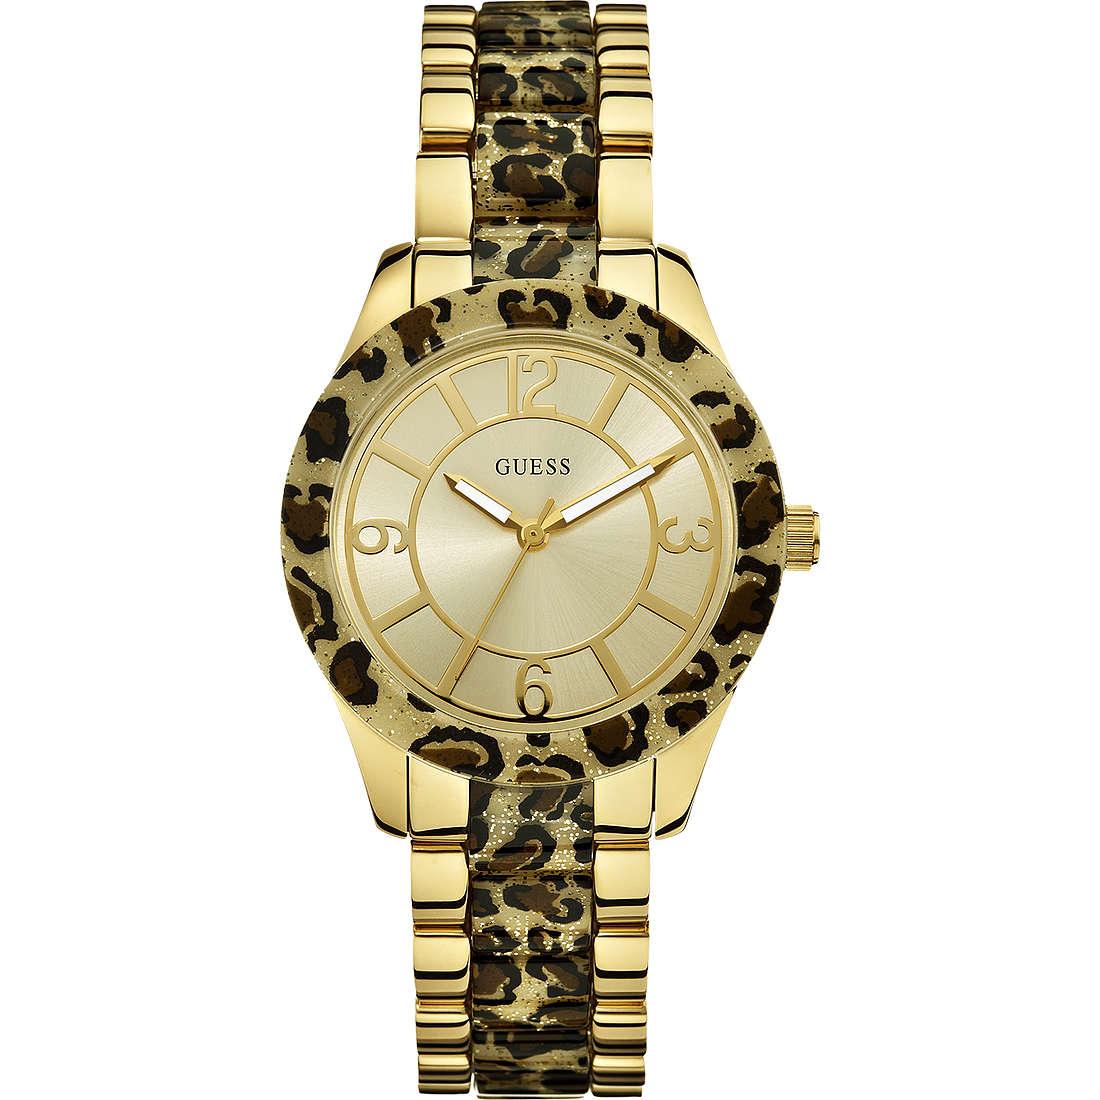 orologio solo tempo donna Guess Settembre 2013 W0014L2